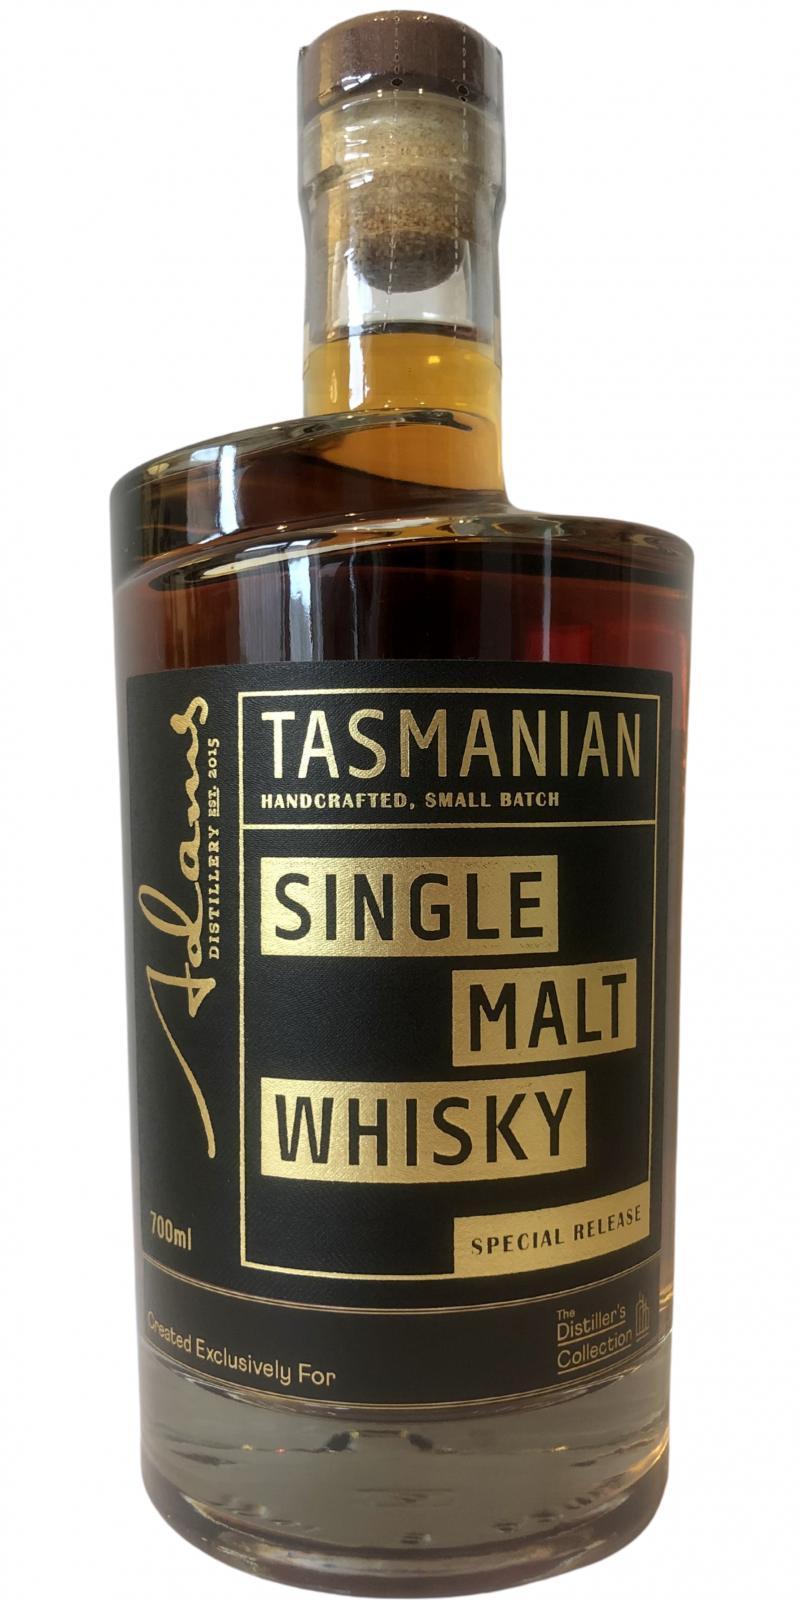 Adams Tasmania Single Malt Whisky